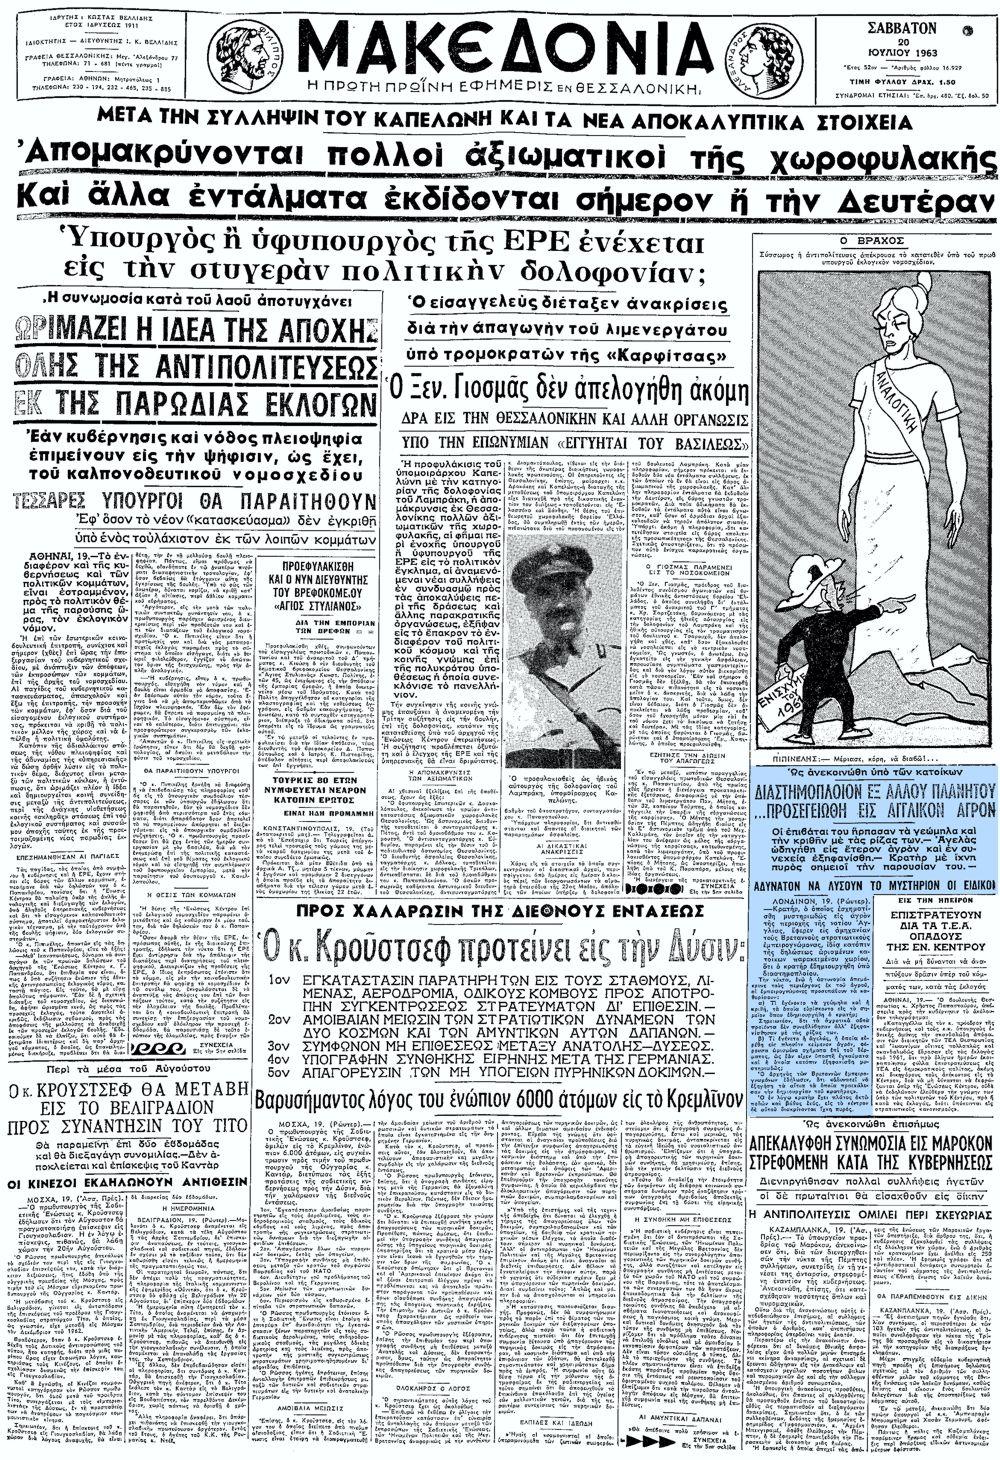 """Το άρθρο, όπως δημοσιεύθηκε στην εφημερίδα """"ΜΑΚΕΔΟΝΙΑ"""", στις 20/07/1963"""